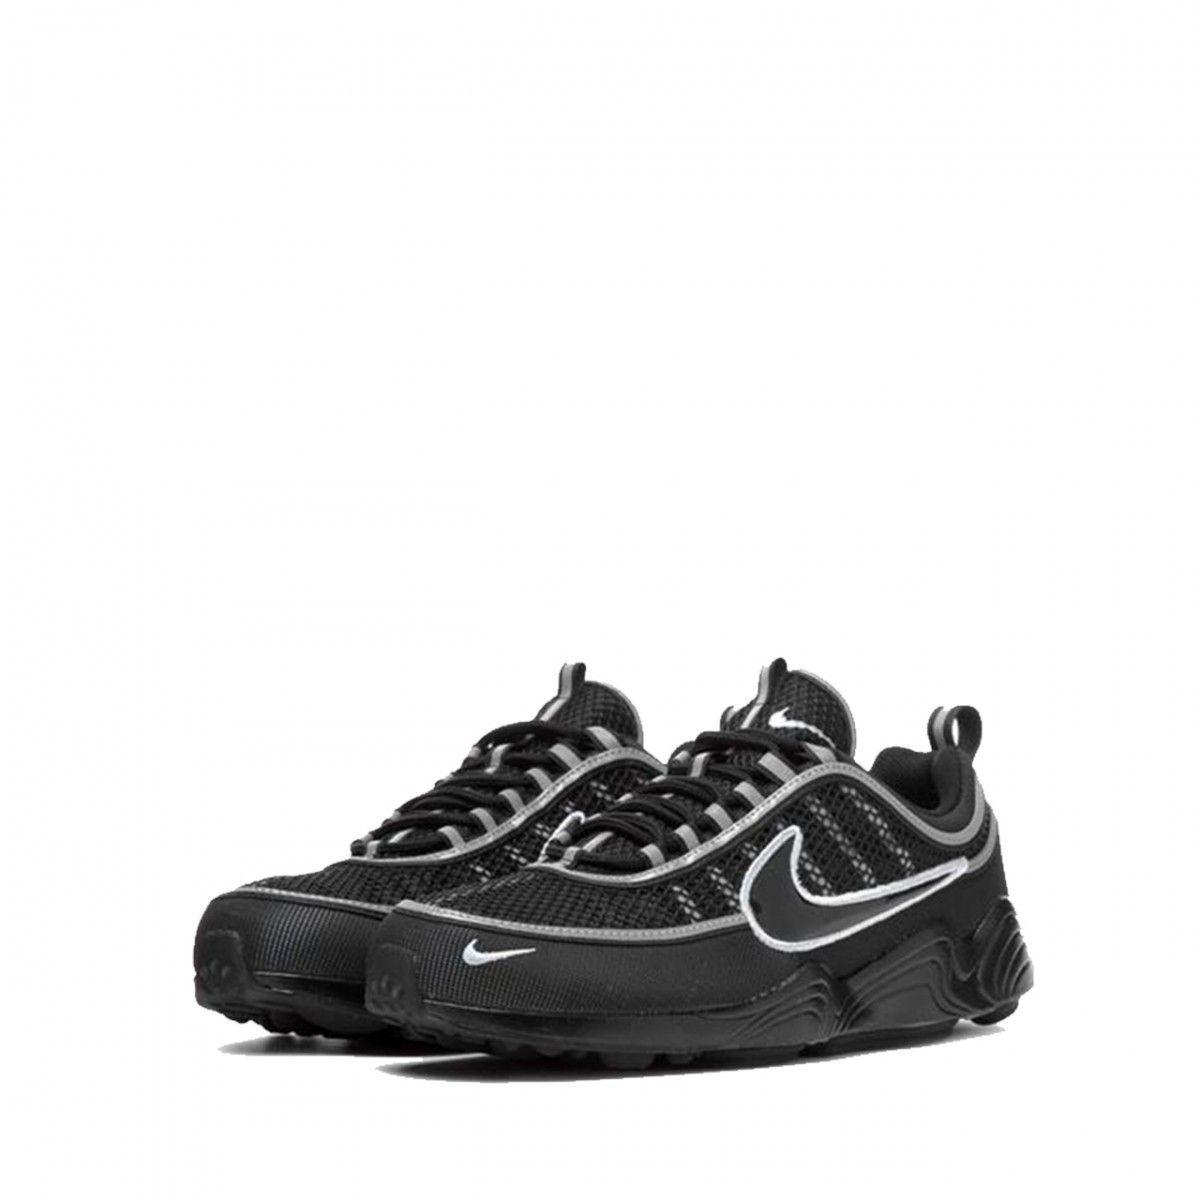 sleek top quality meet Basket Nike Air Zoom Spiridon 16 - 926955-008 - Taille : 40 ...